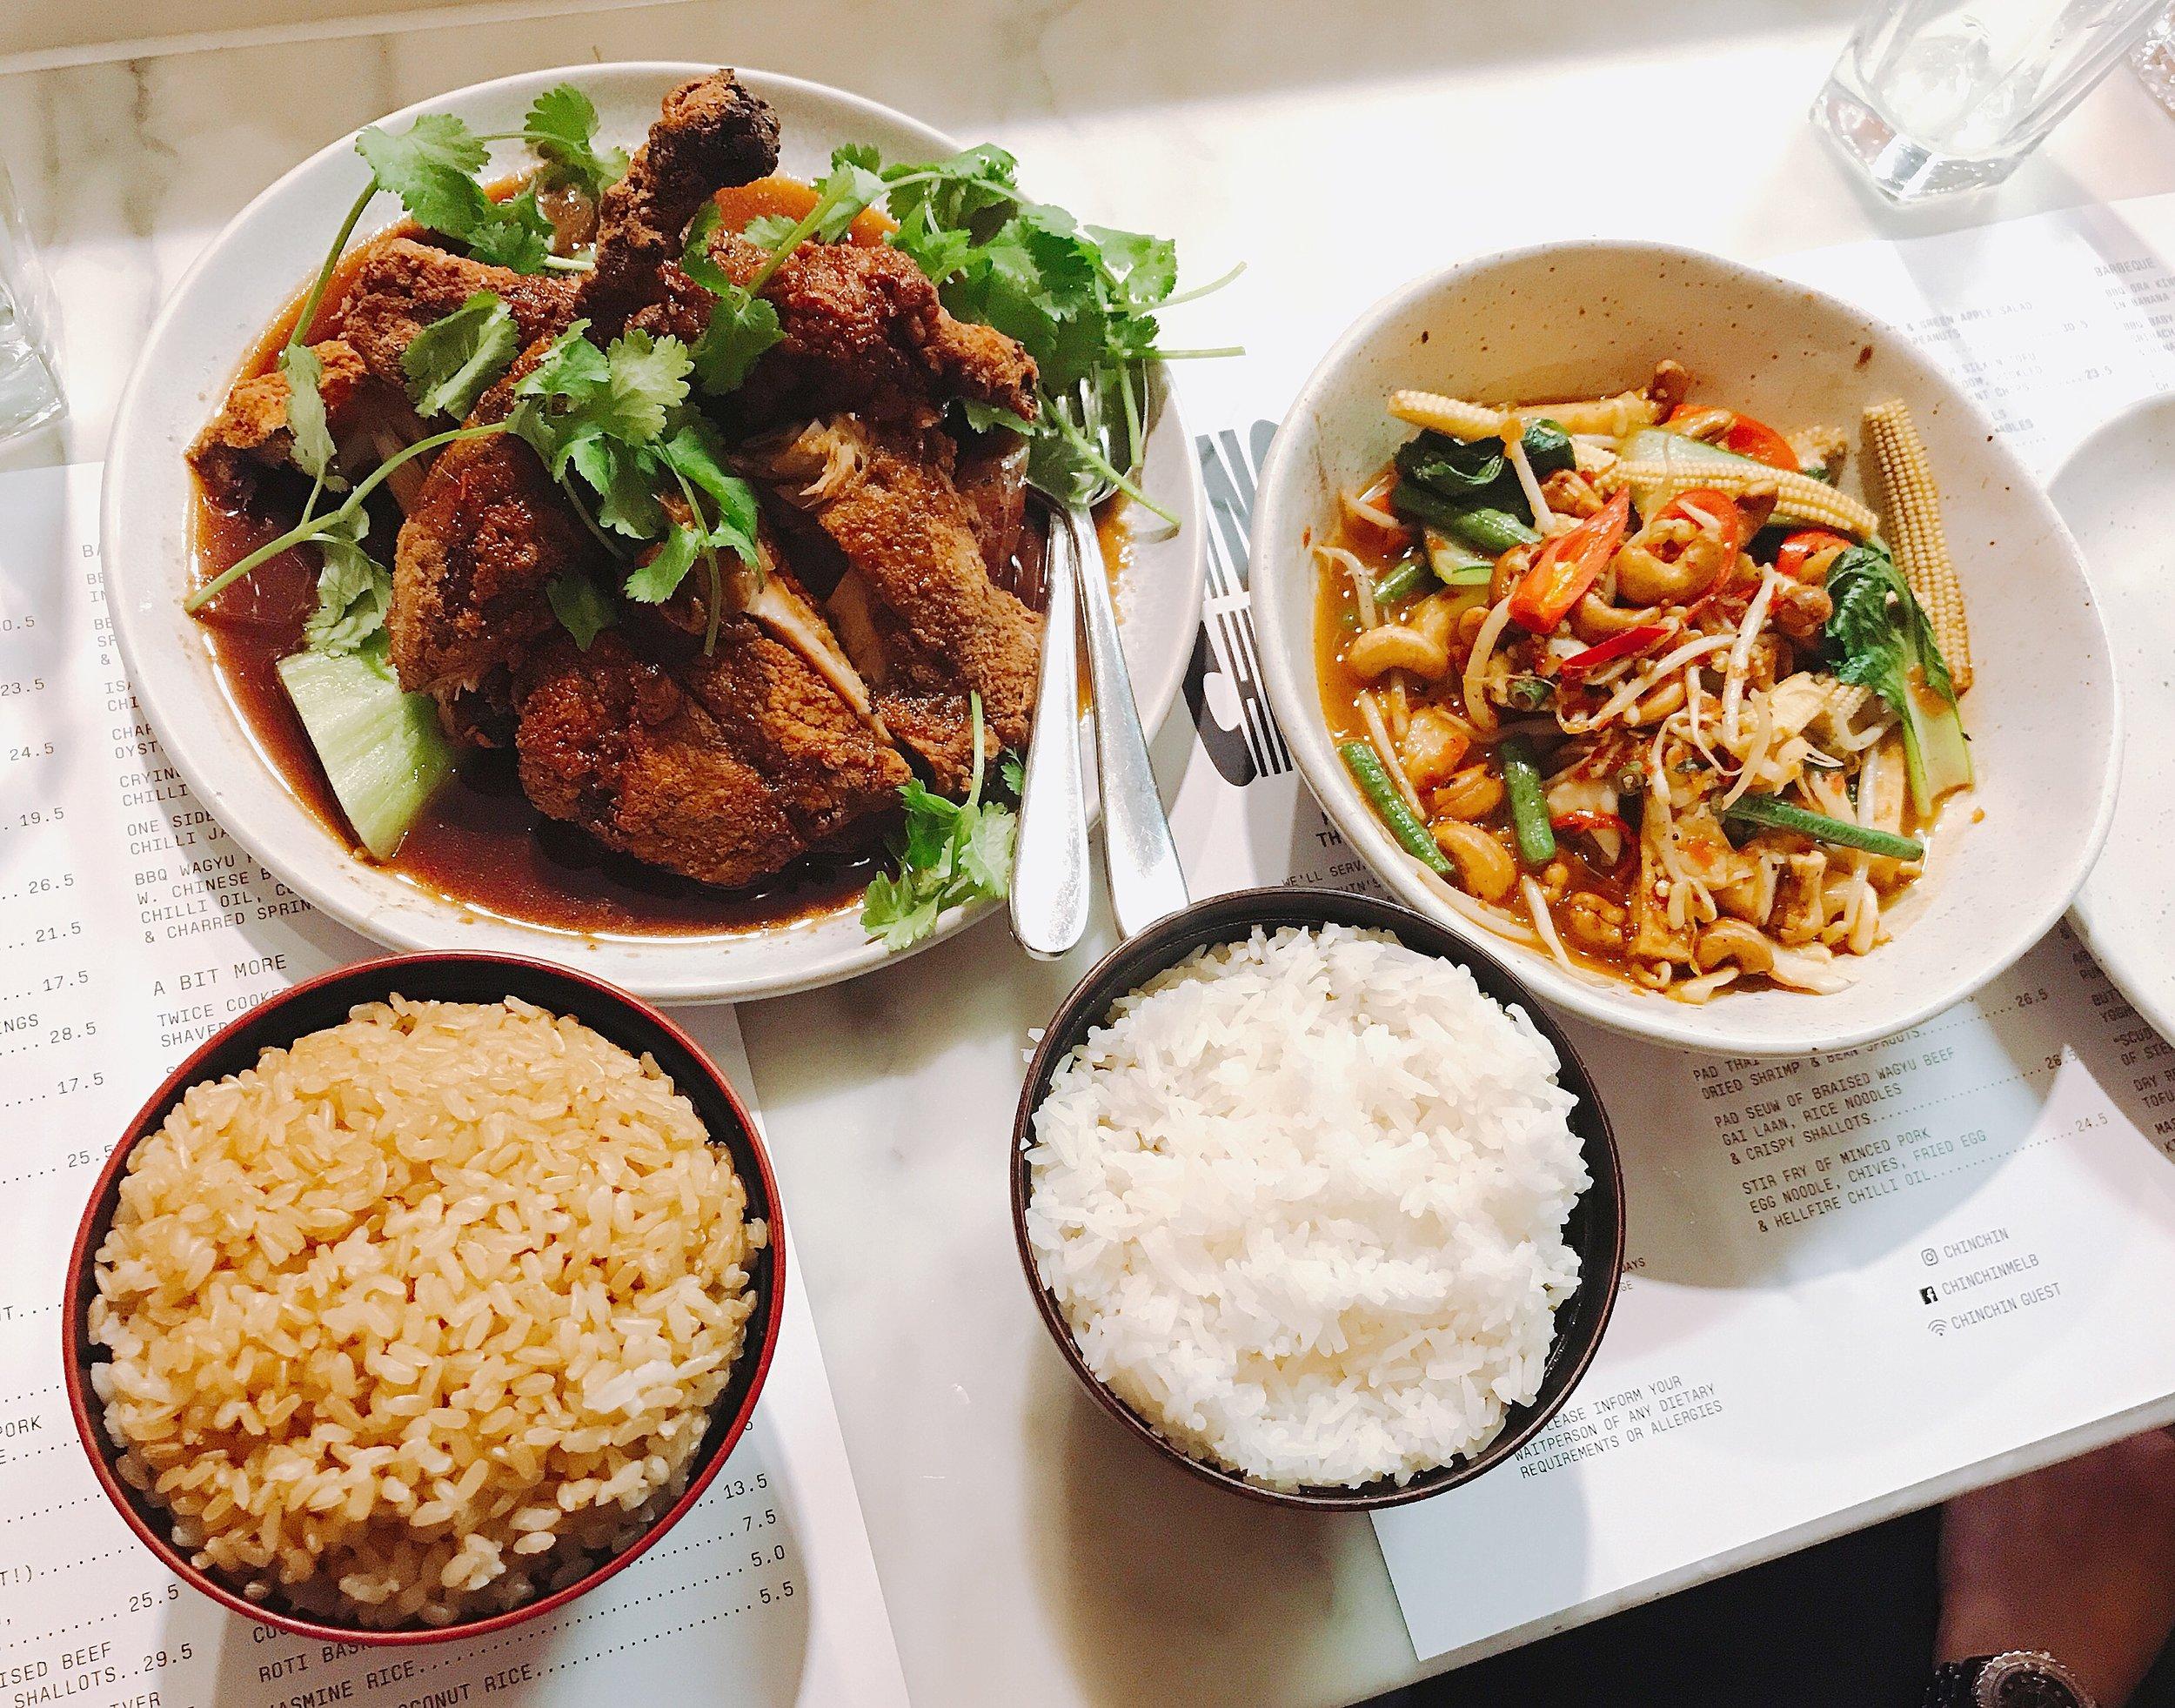 Crispy skinned duck & wok fried veggies  @sipsandnibs